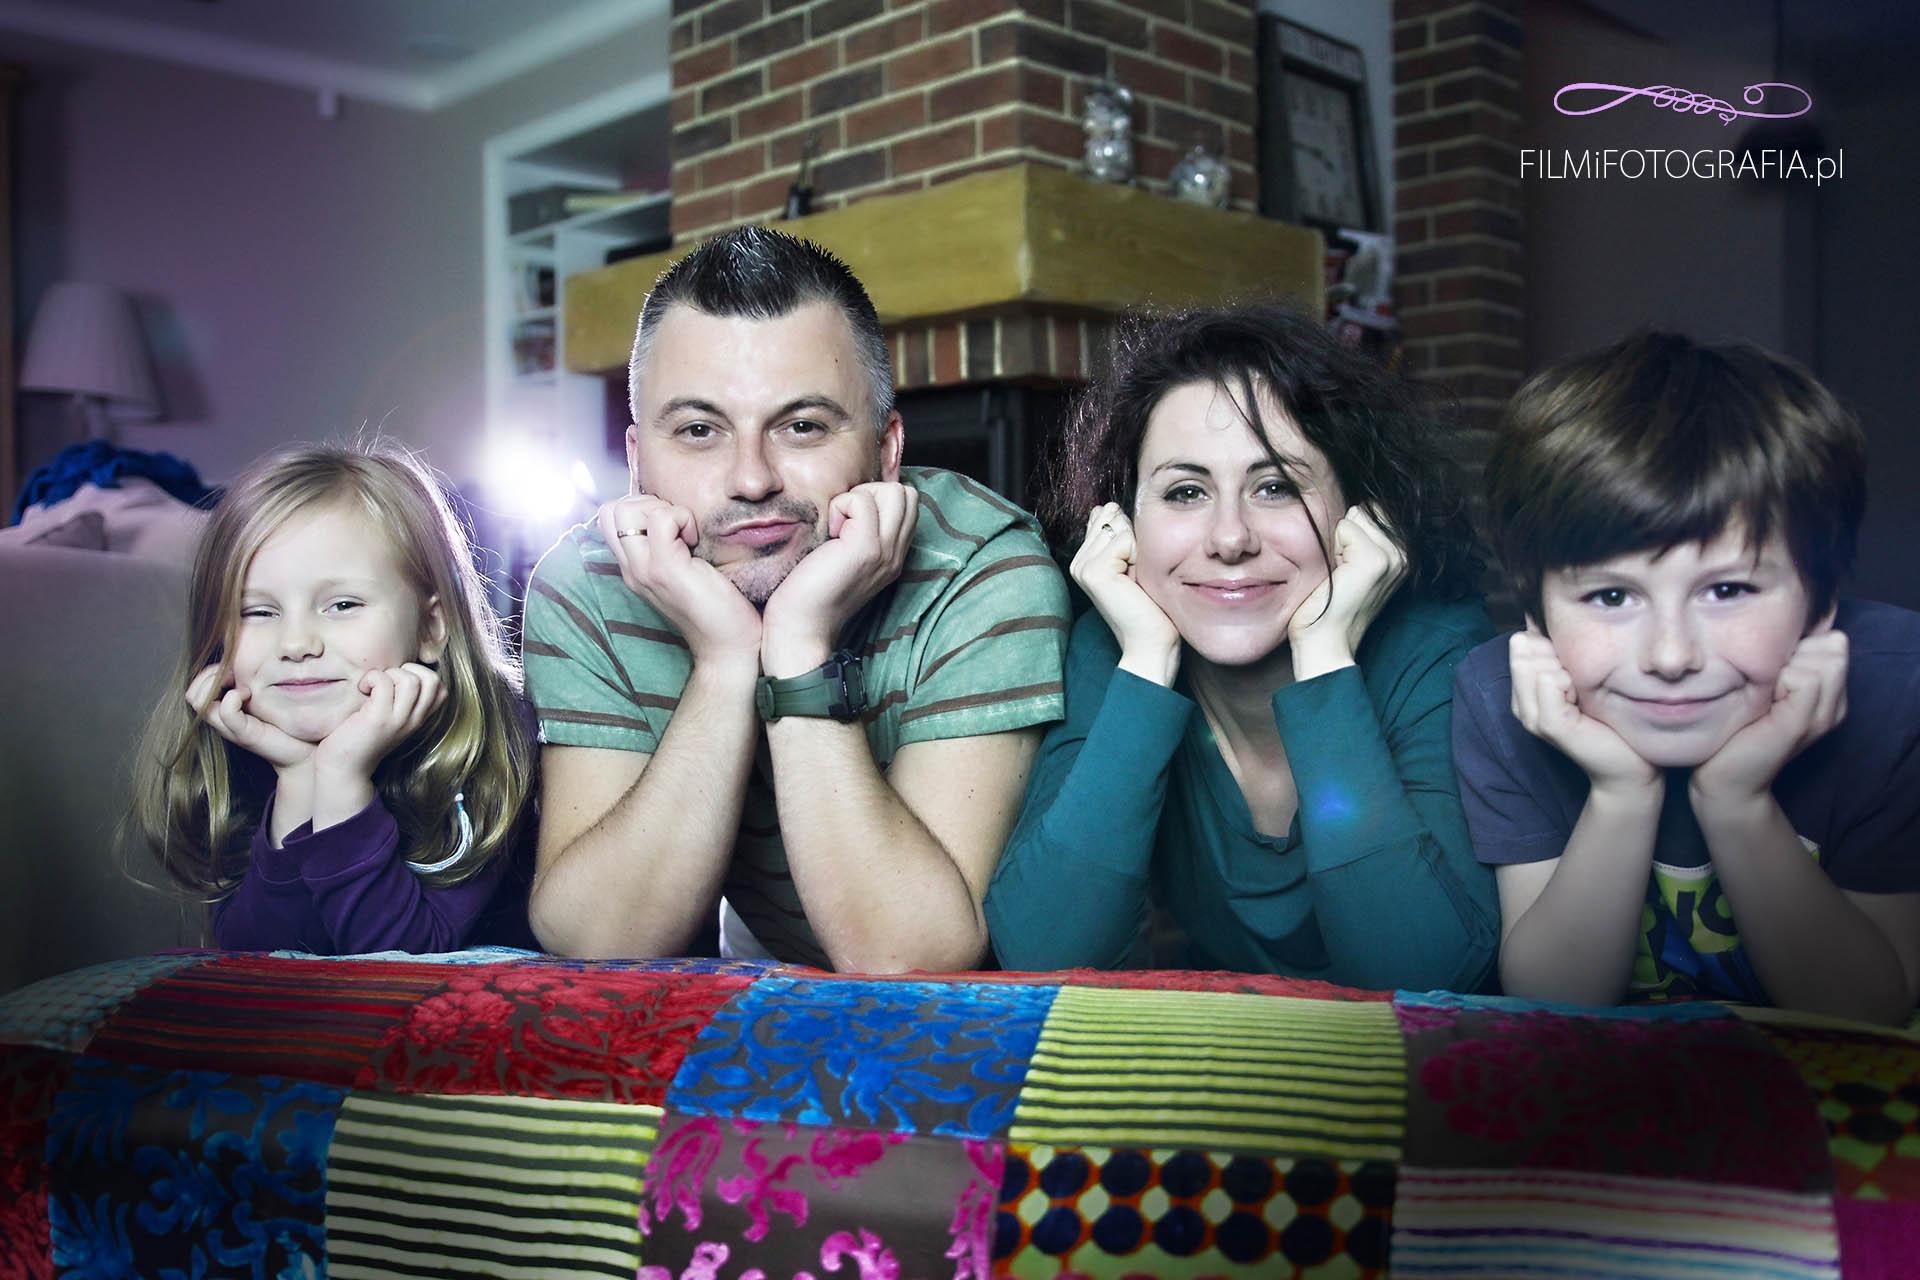 sesja rodzinna grodzisk mazowiecki, sesje rodzinne, fotograf grodzisk mazowiecki, fotografia okolicznościowa, sesja rodzinna w domu